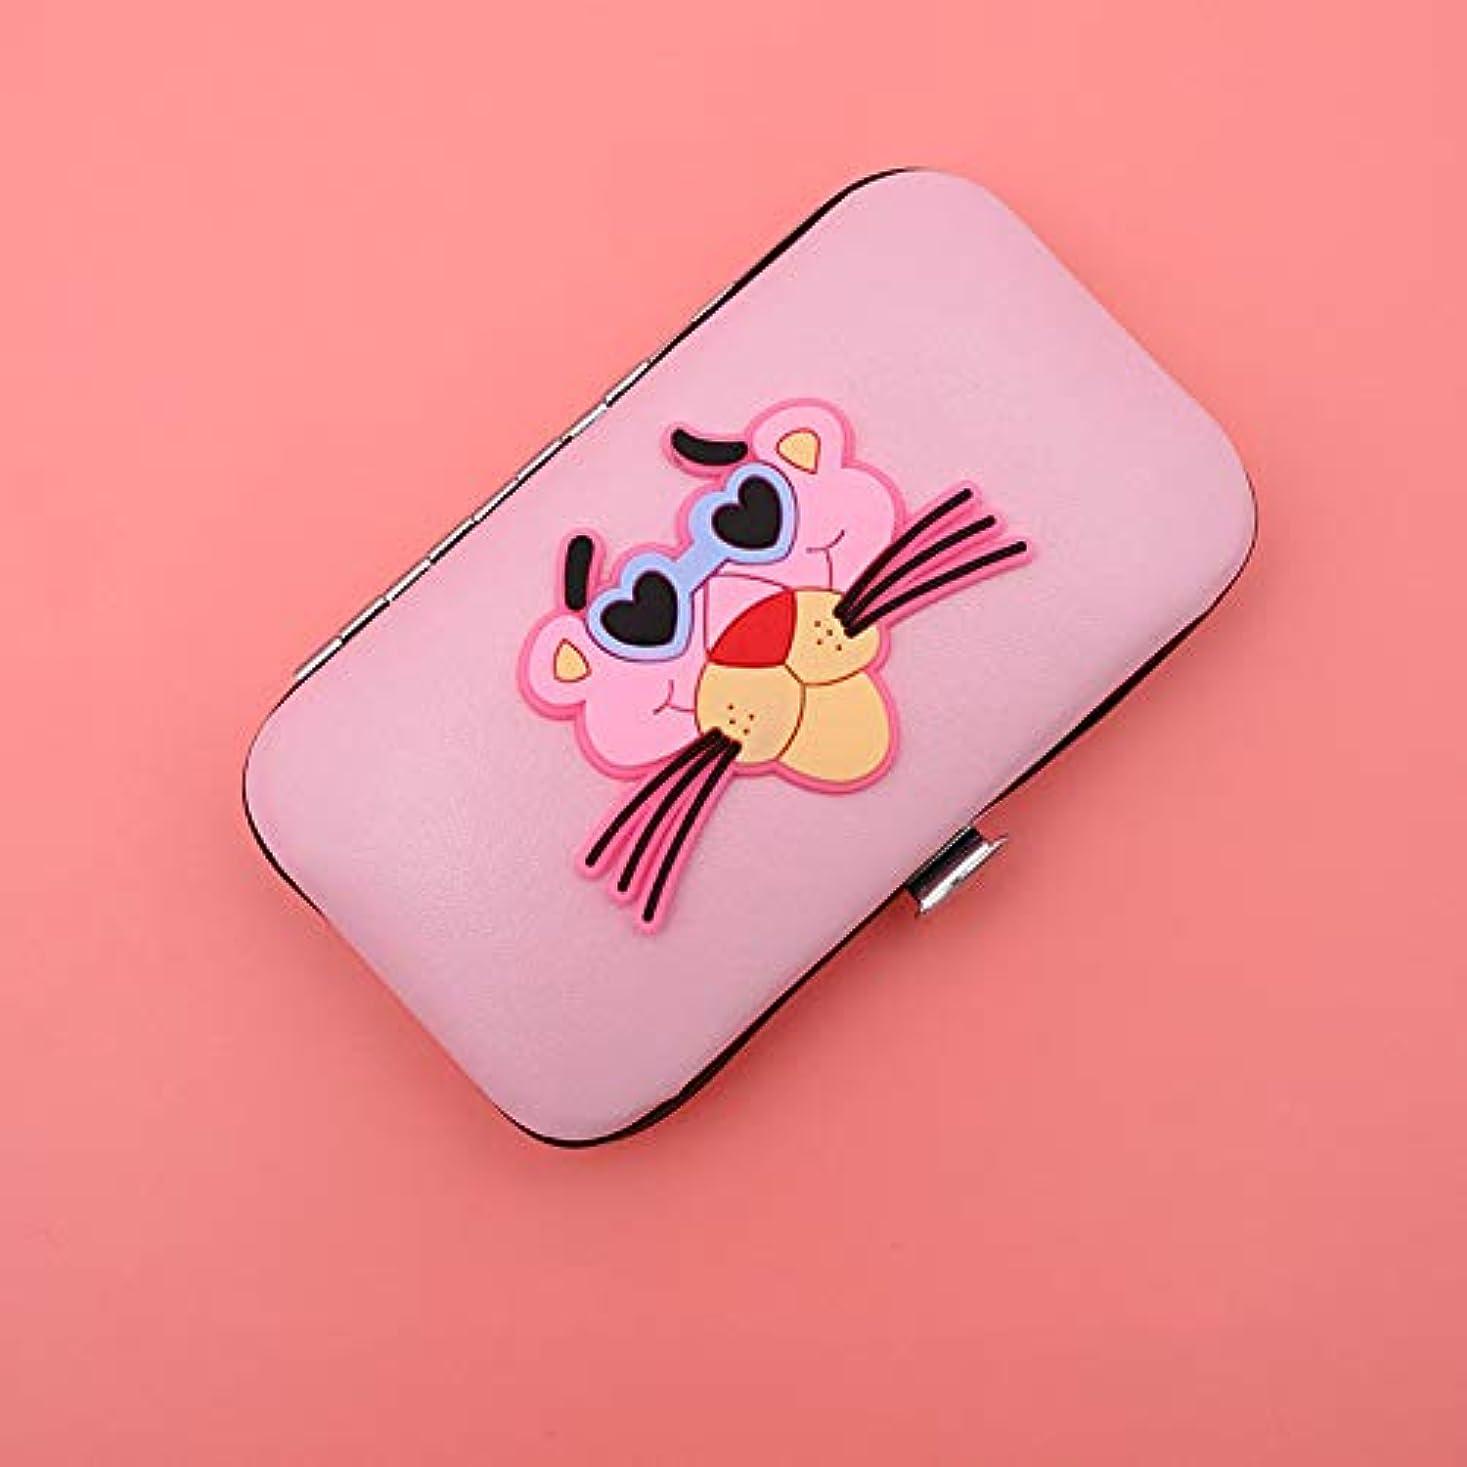 お酢抱擁ボスネイルクリッパー7点セット、美容ツールセット、女の子漫画ピンクの箱入りのためのマニキュアキット(anthomaniacヒョウ)のネイル